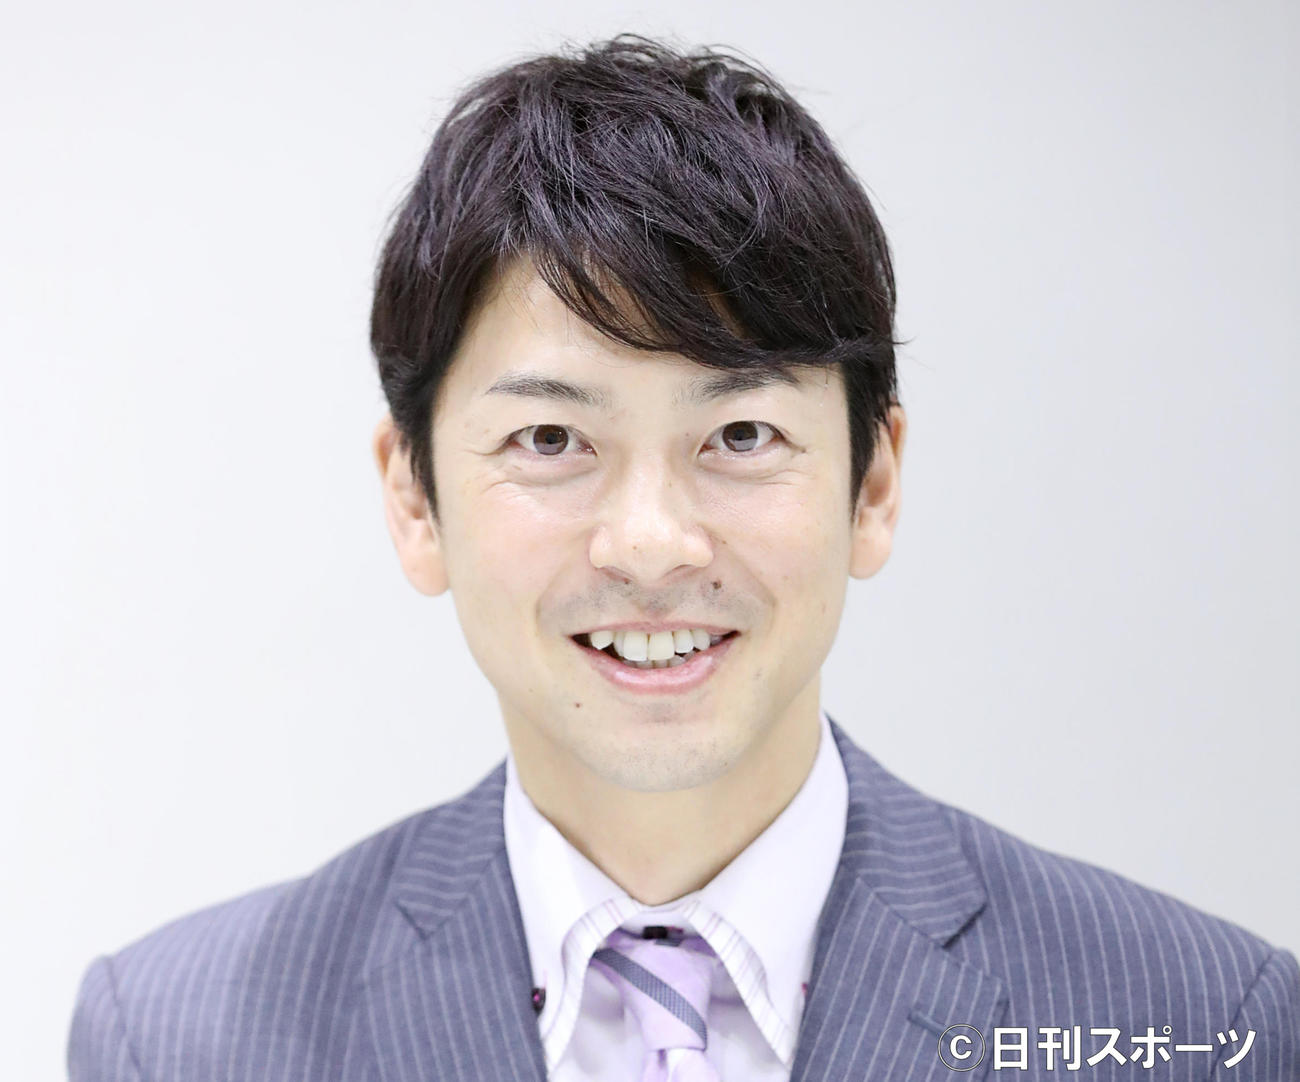 朝日 富川 アナ テレビ